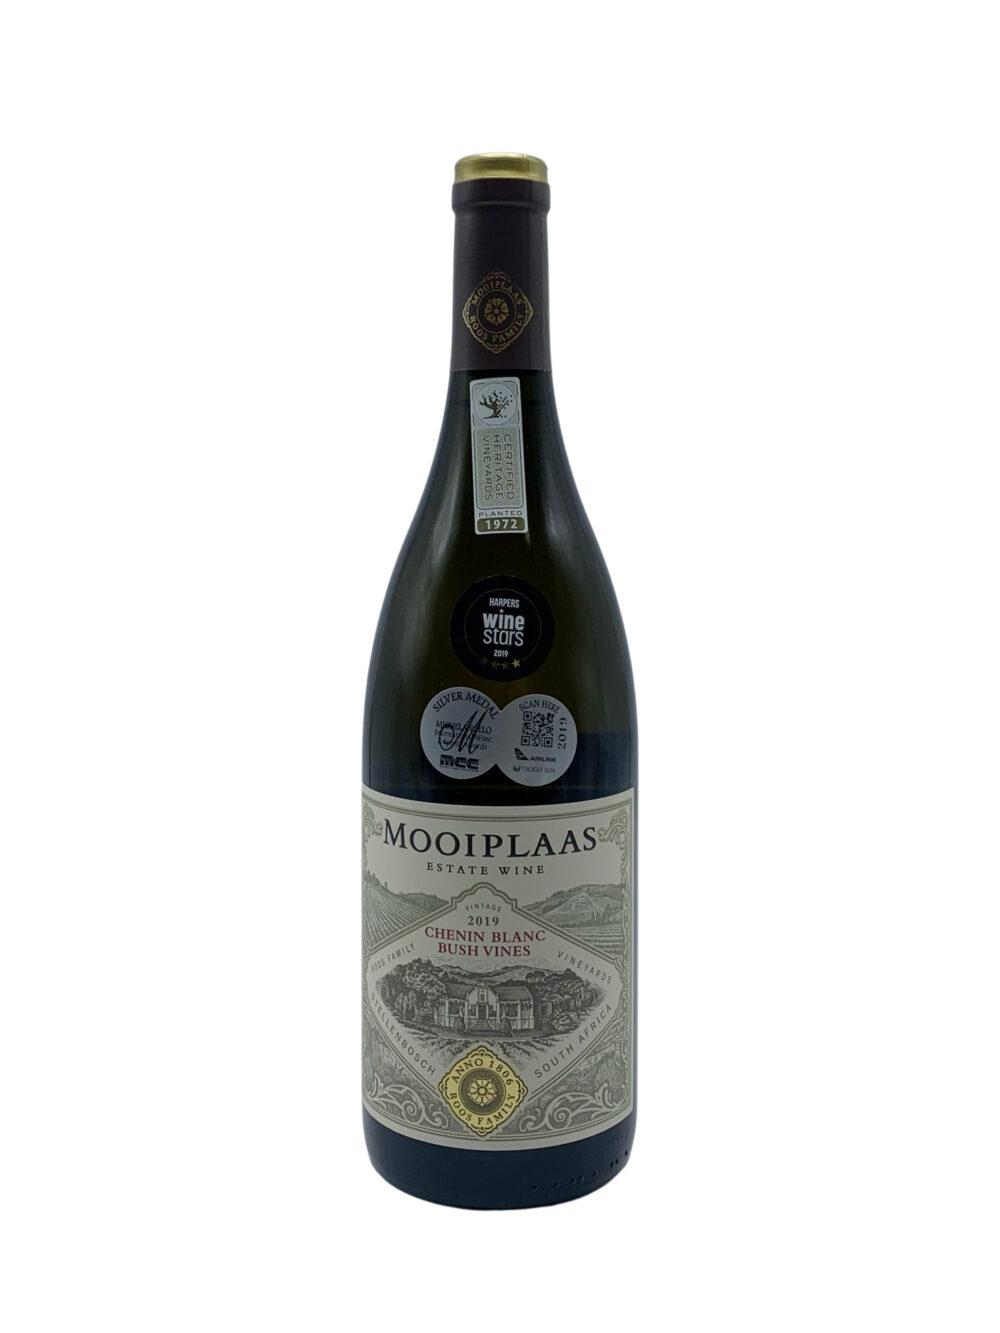 Mooiplaas Chenin Blanc Bush Vines